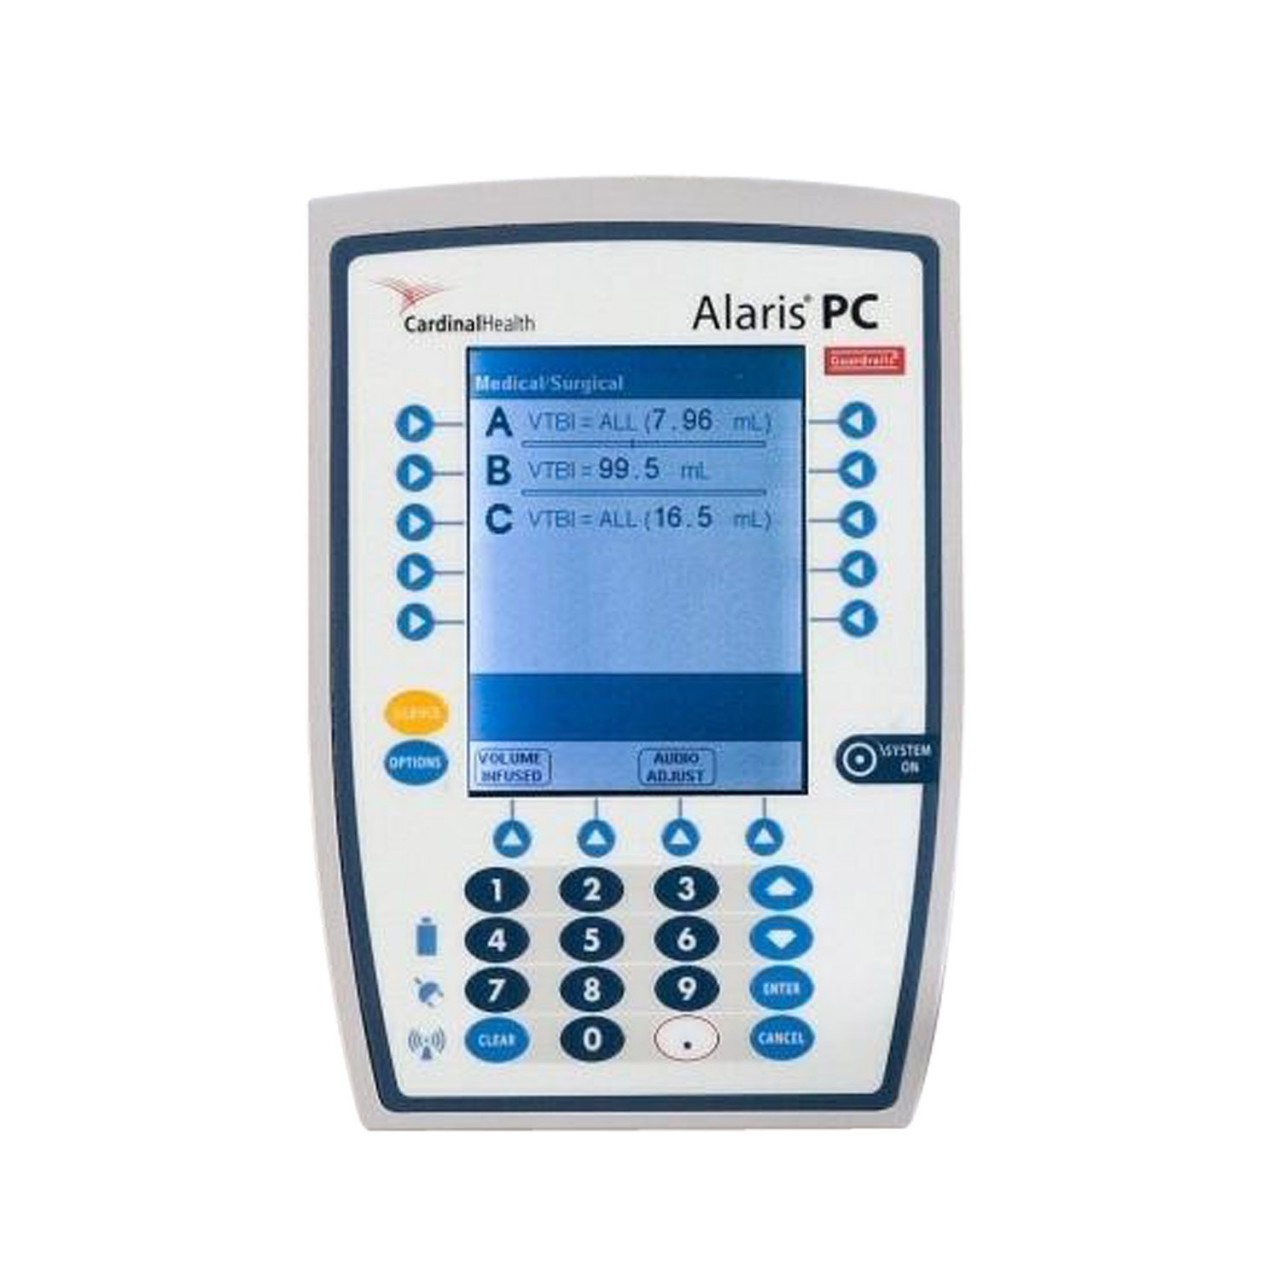 Alaris 8015 Poc Unit Infusion Pump 4 7 Quot Screen Pacific